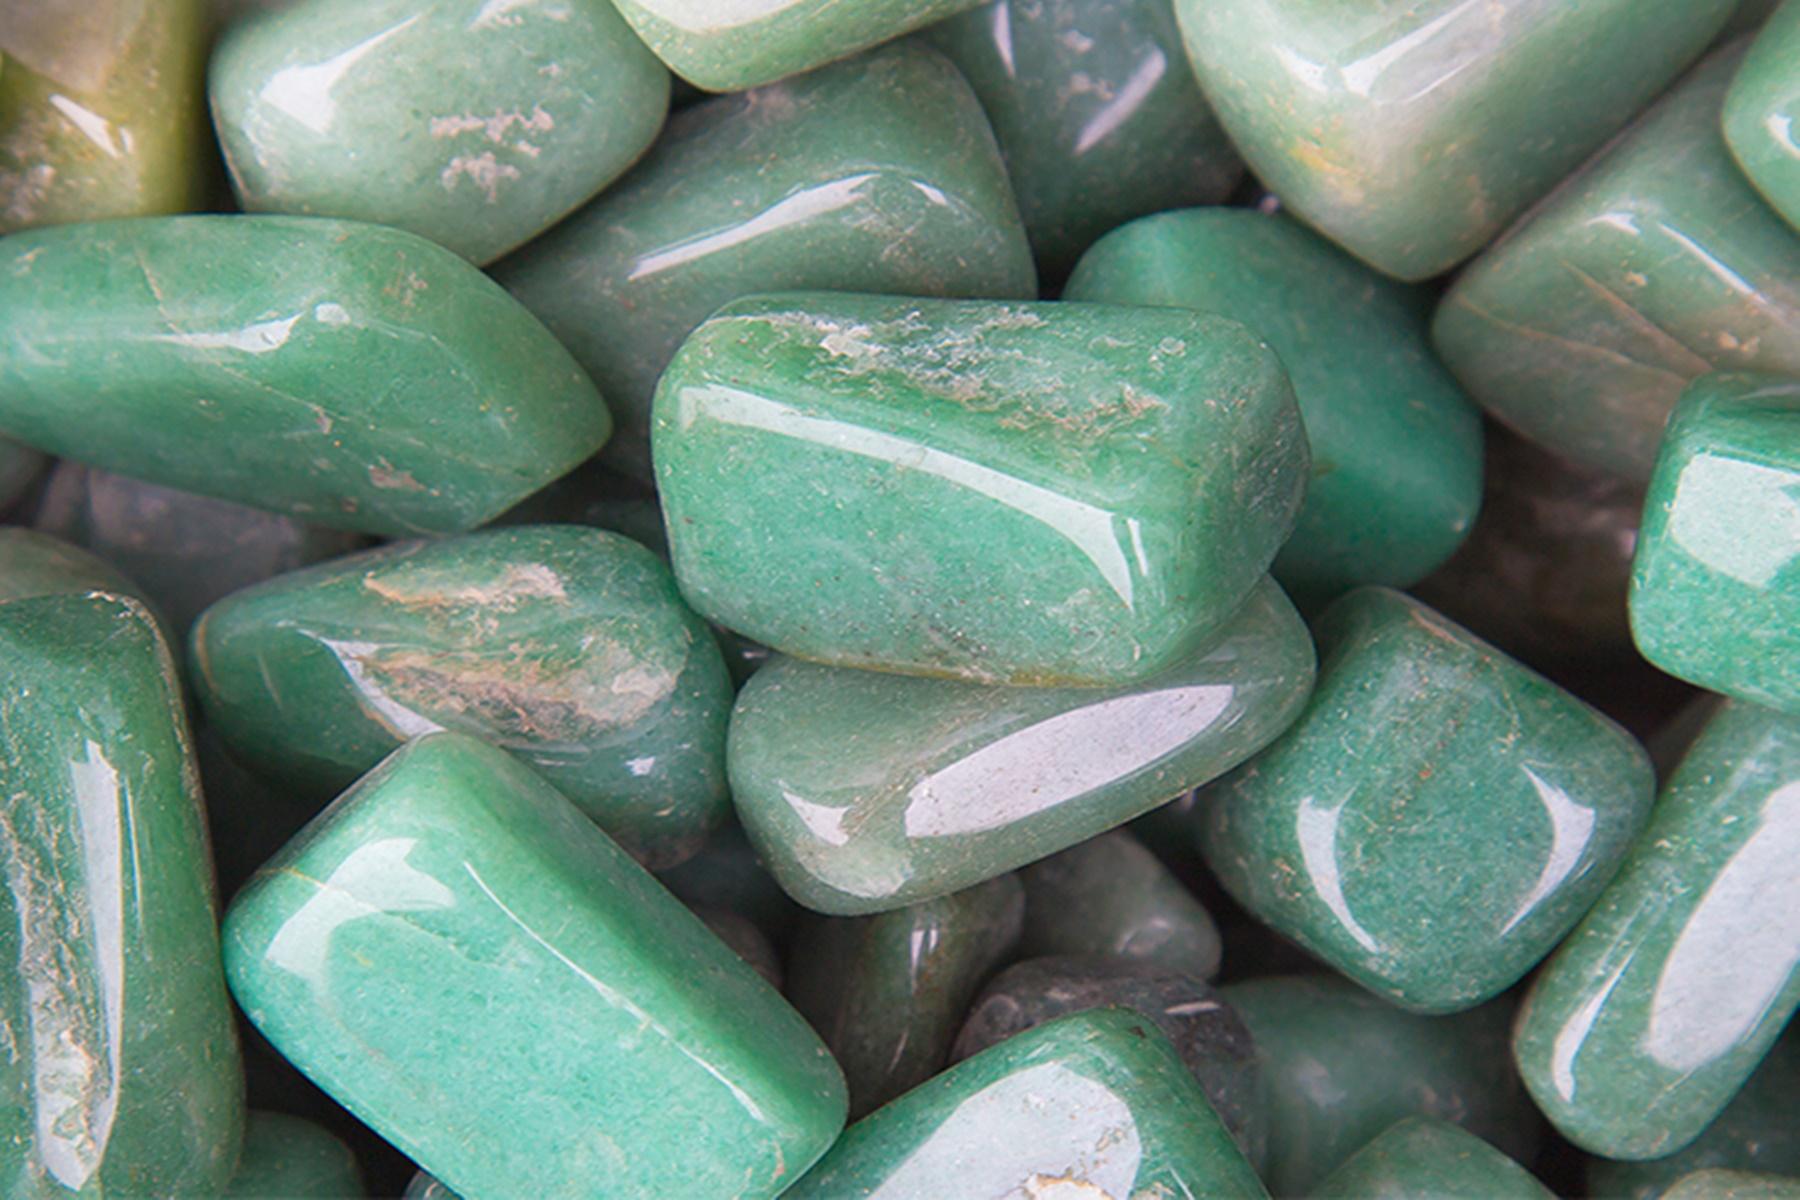 Jade Stone : Τα ενεργειακά οφέλη της στην ψυχική υγεία